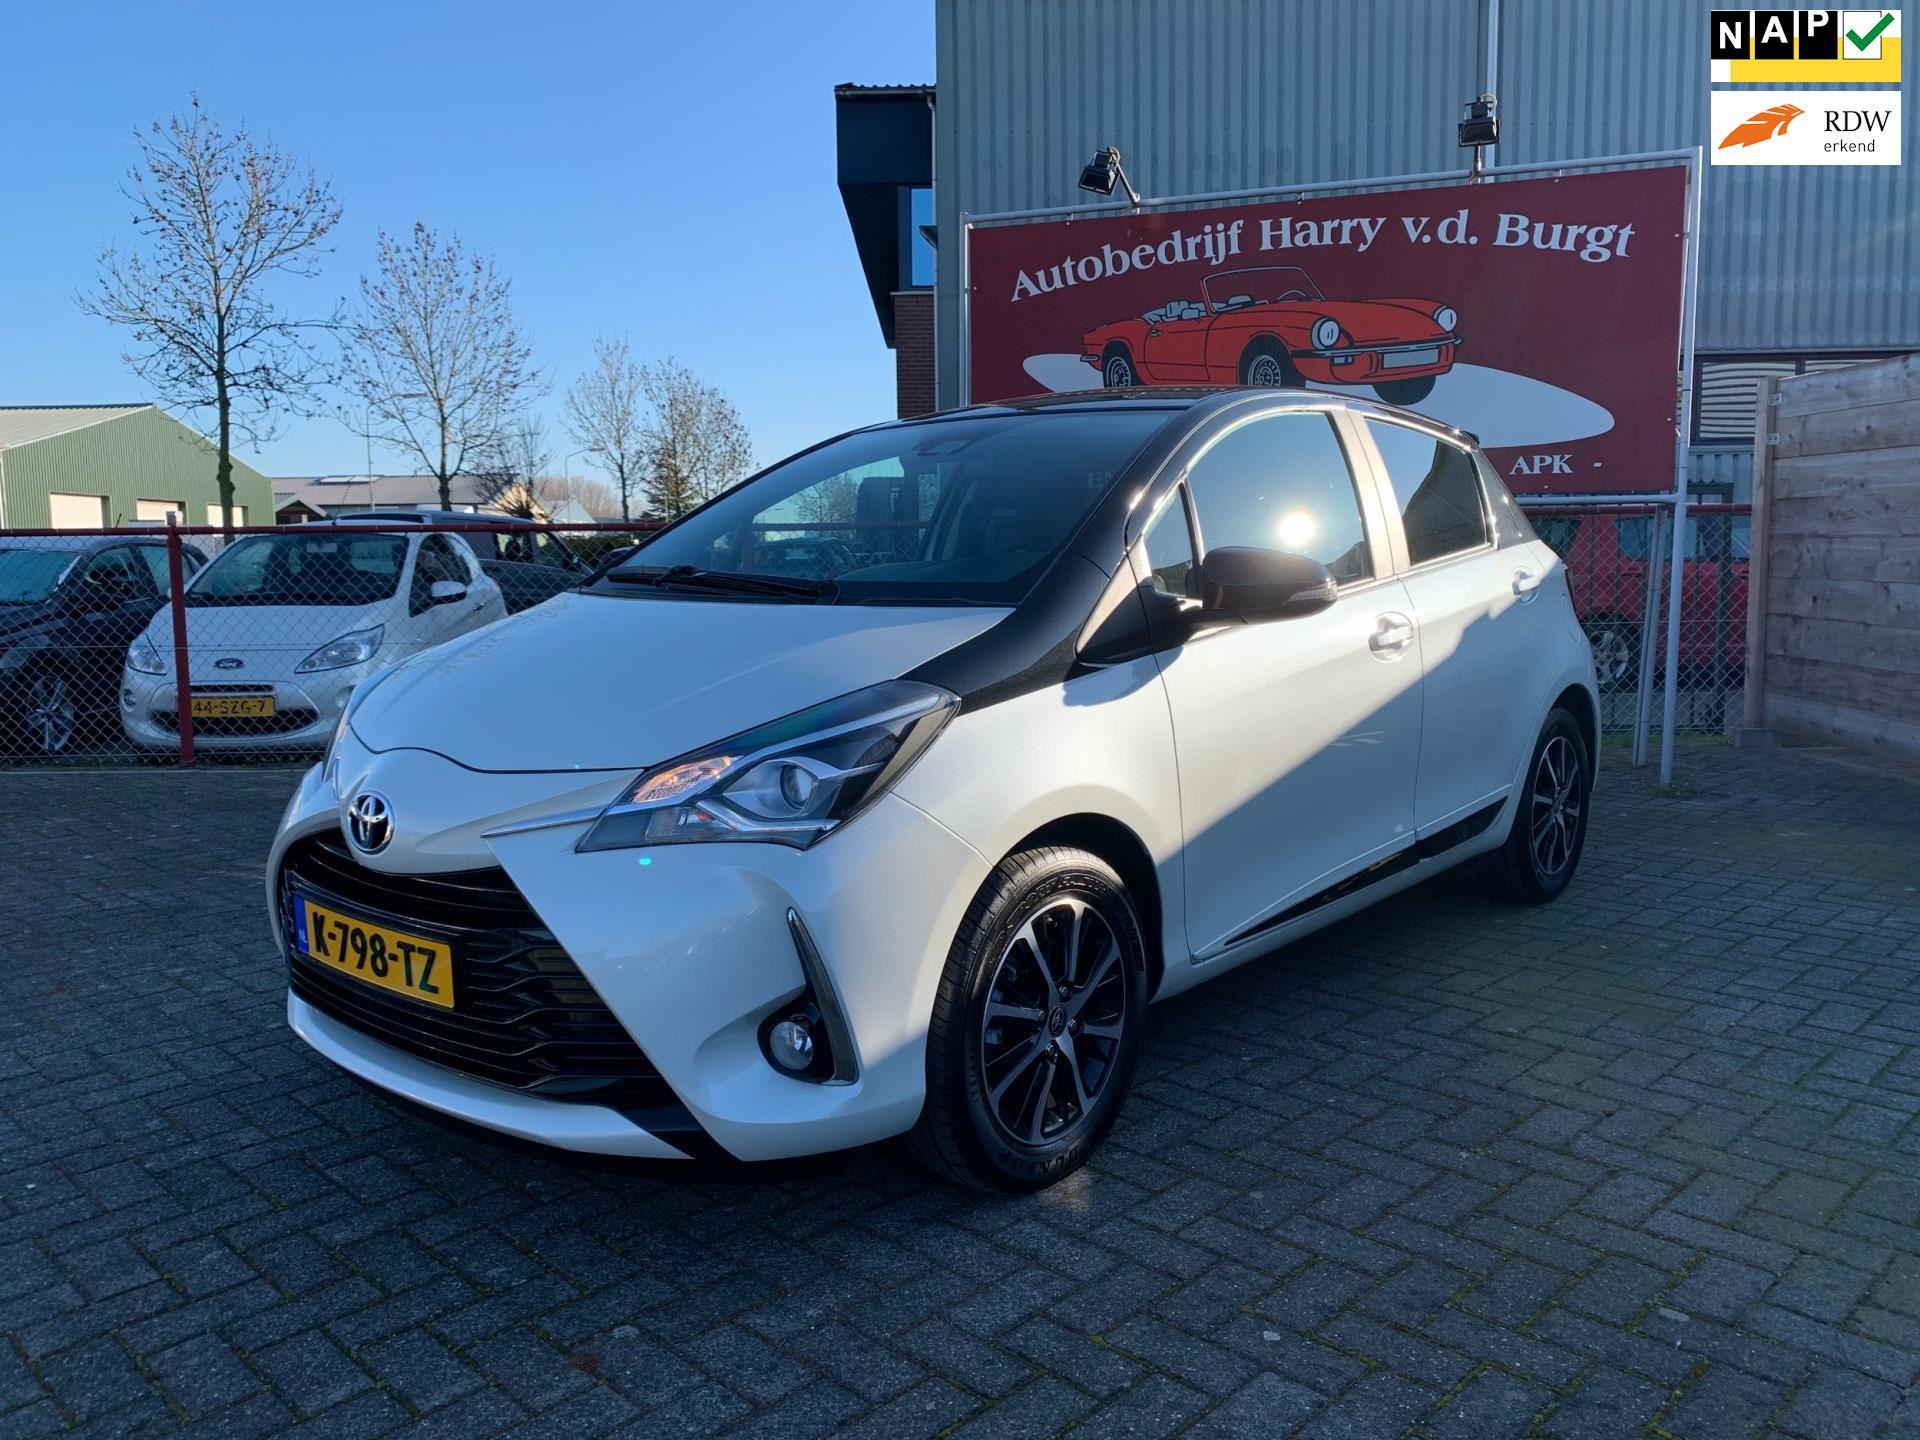 Toyota Yaris occasion - Autobedrijf Harry van der Burgt